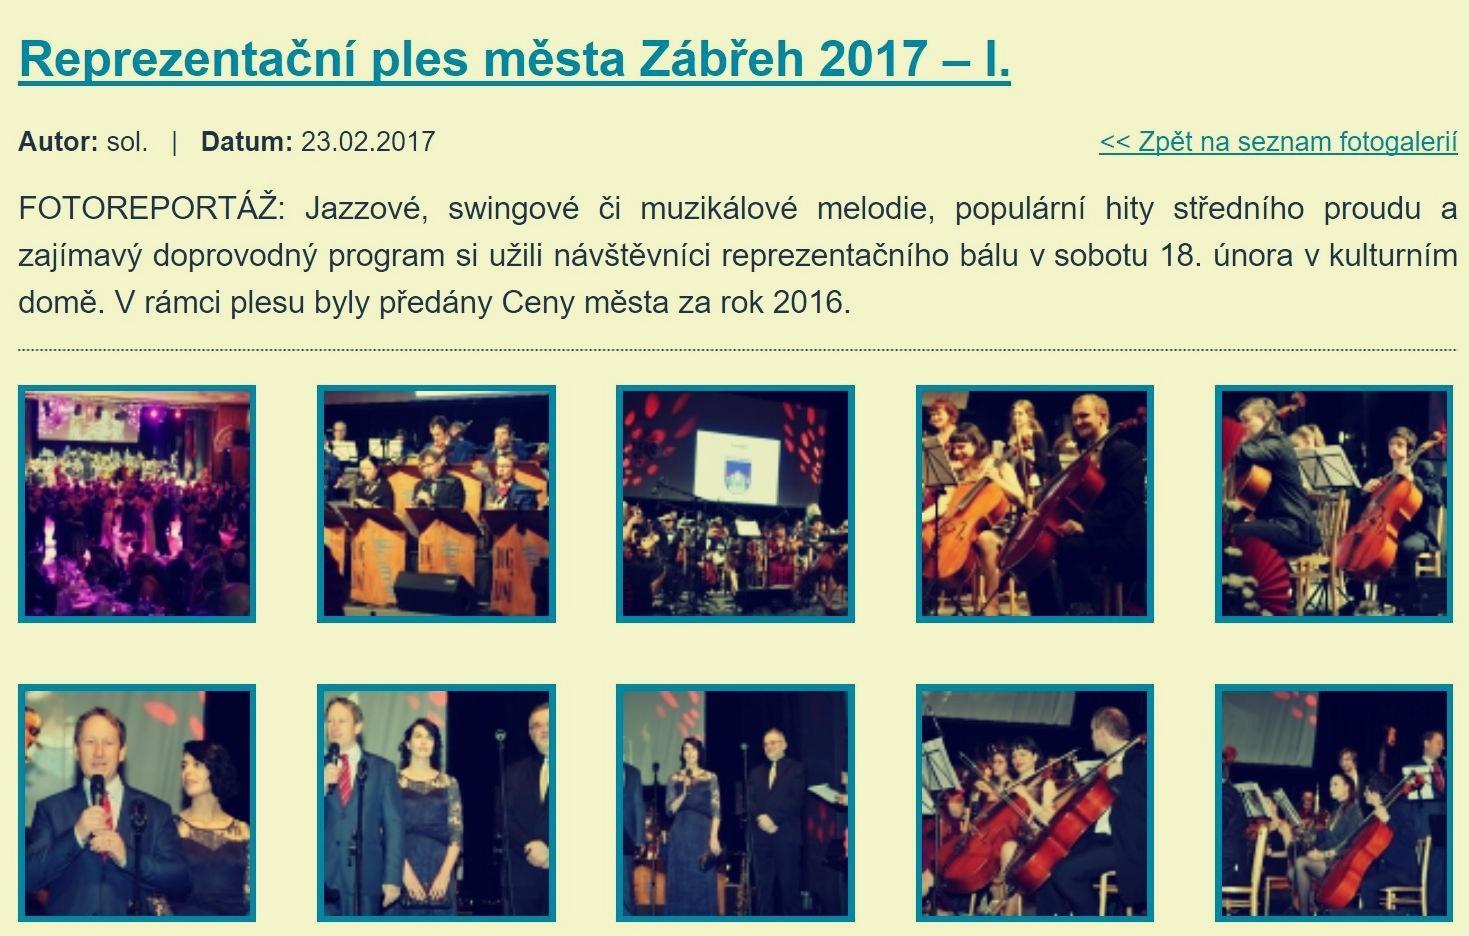 šumpersko.net - exkluzivní fotogalerie